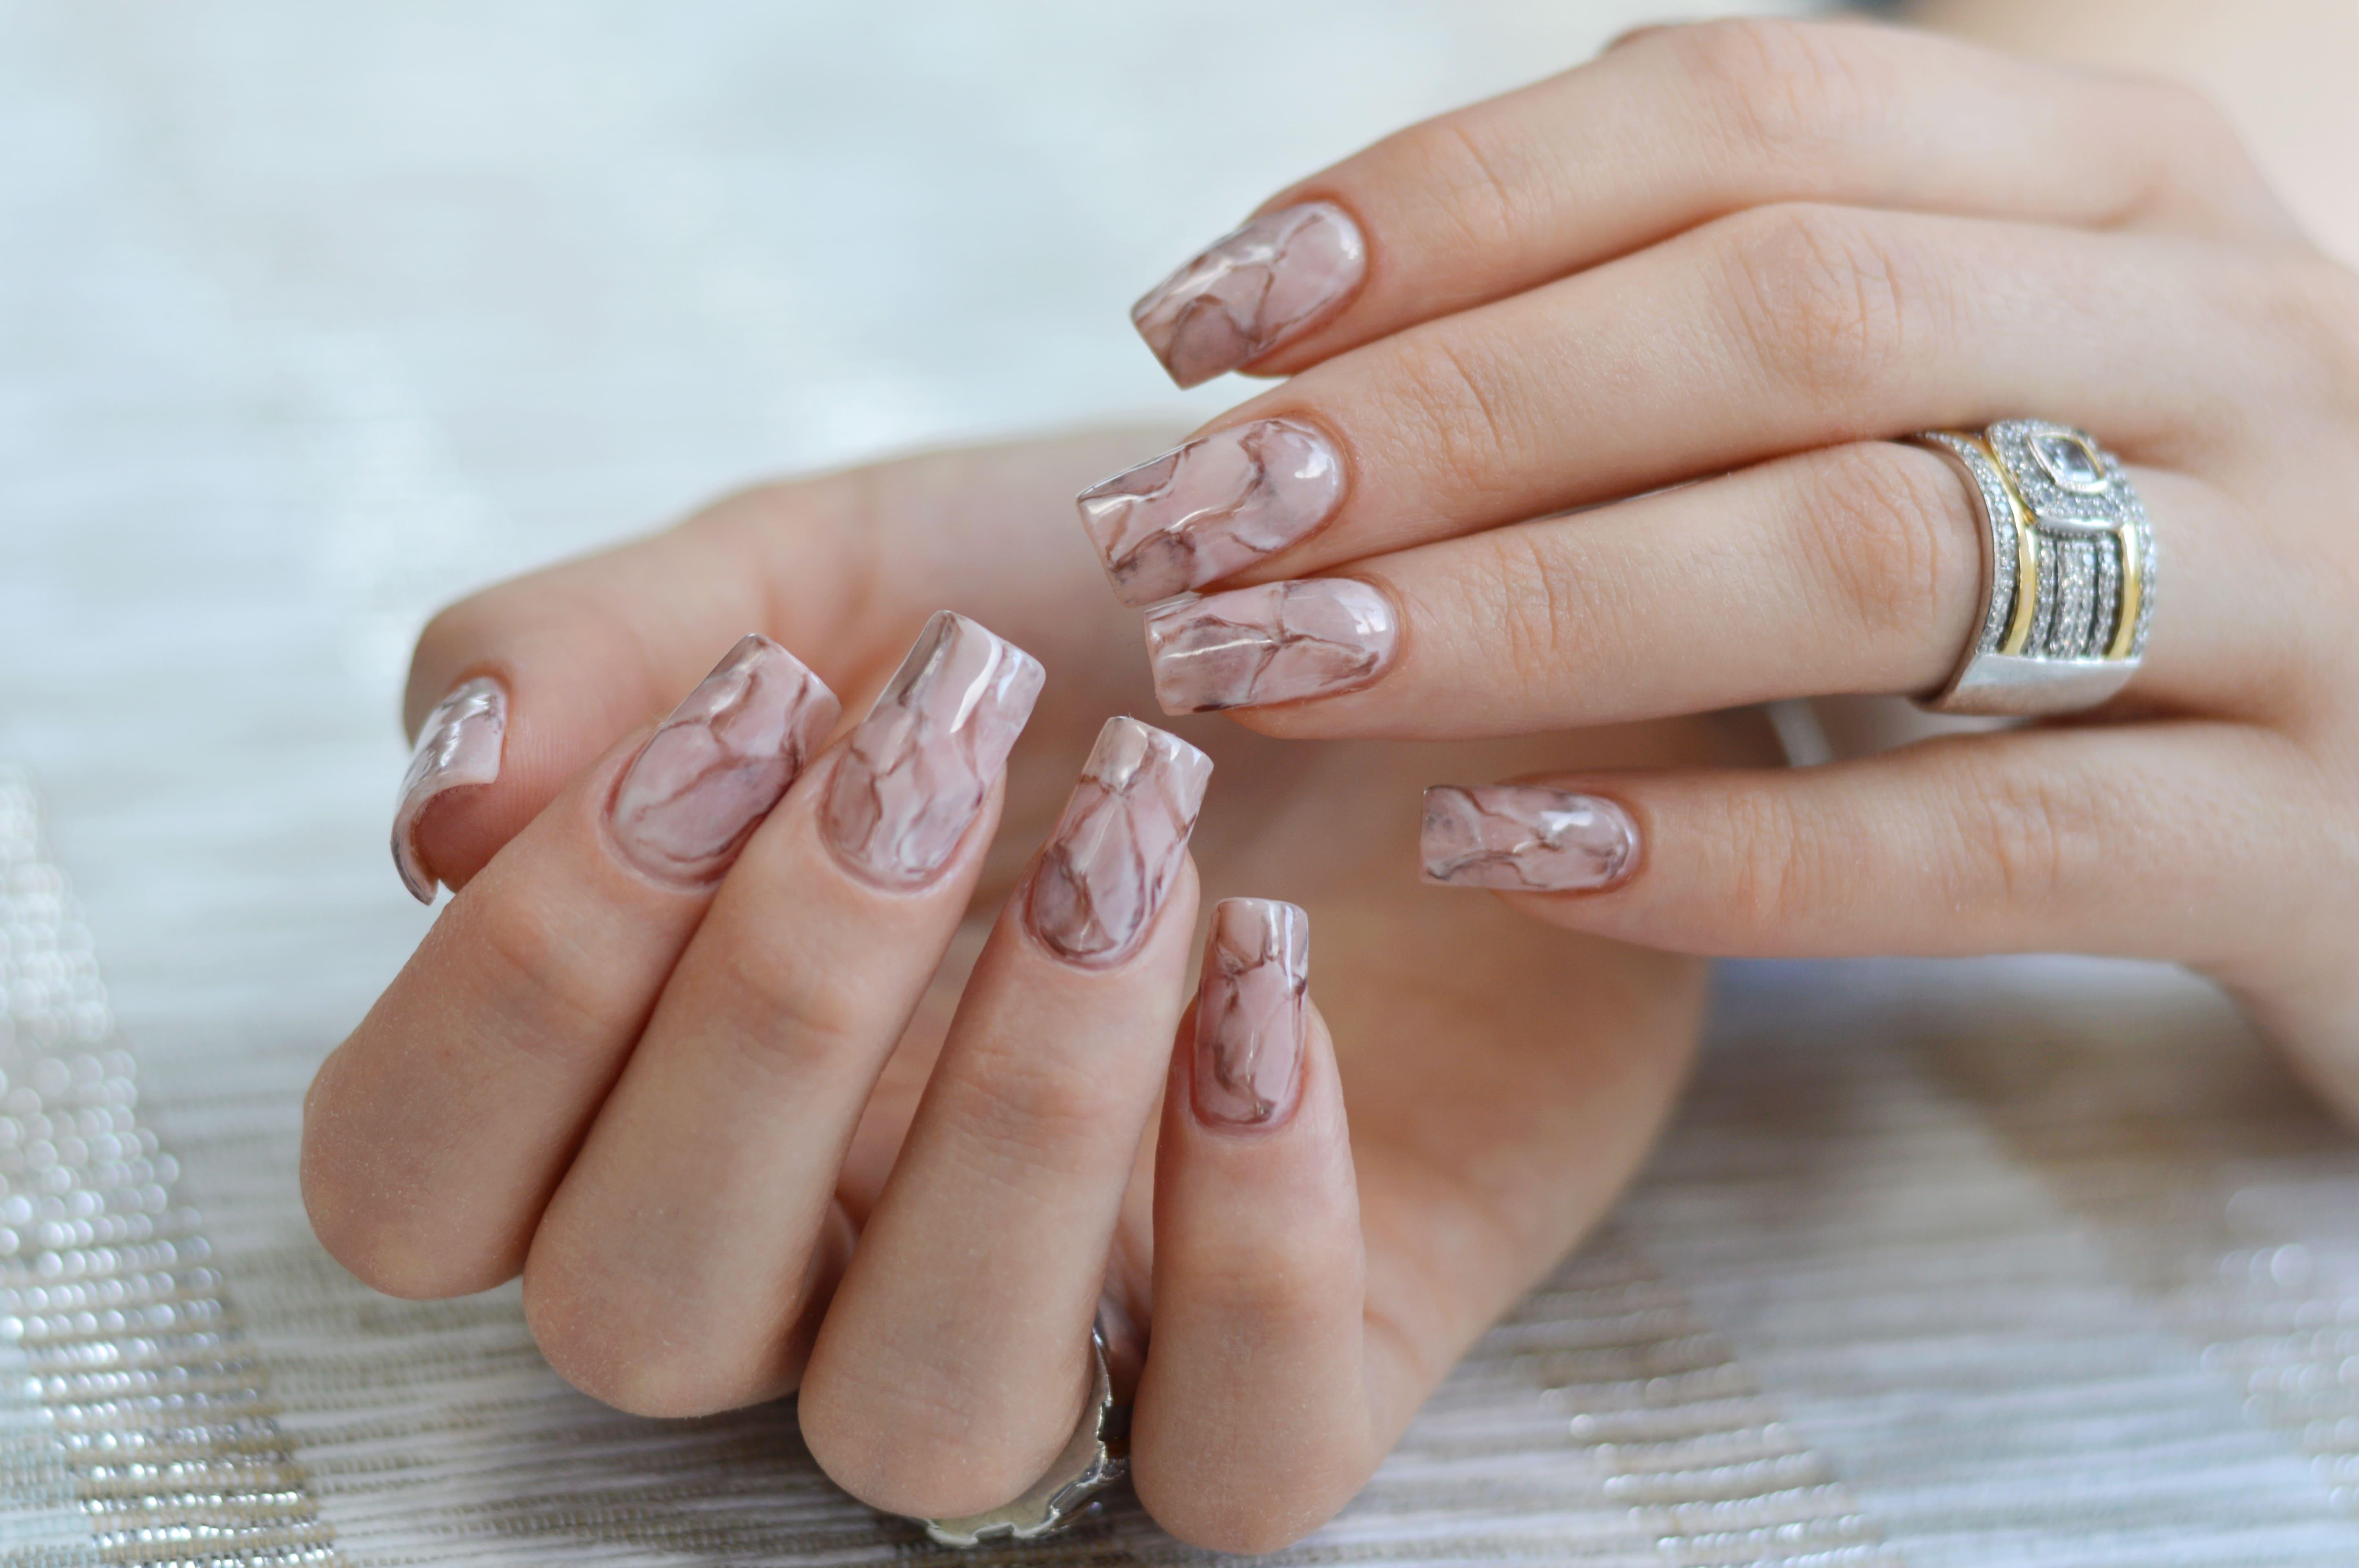 Nail Arts Designs - 2